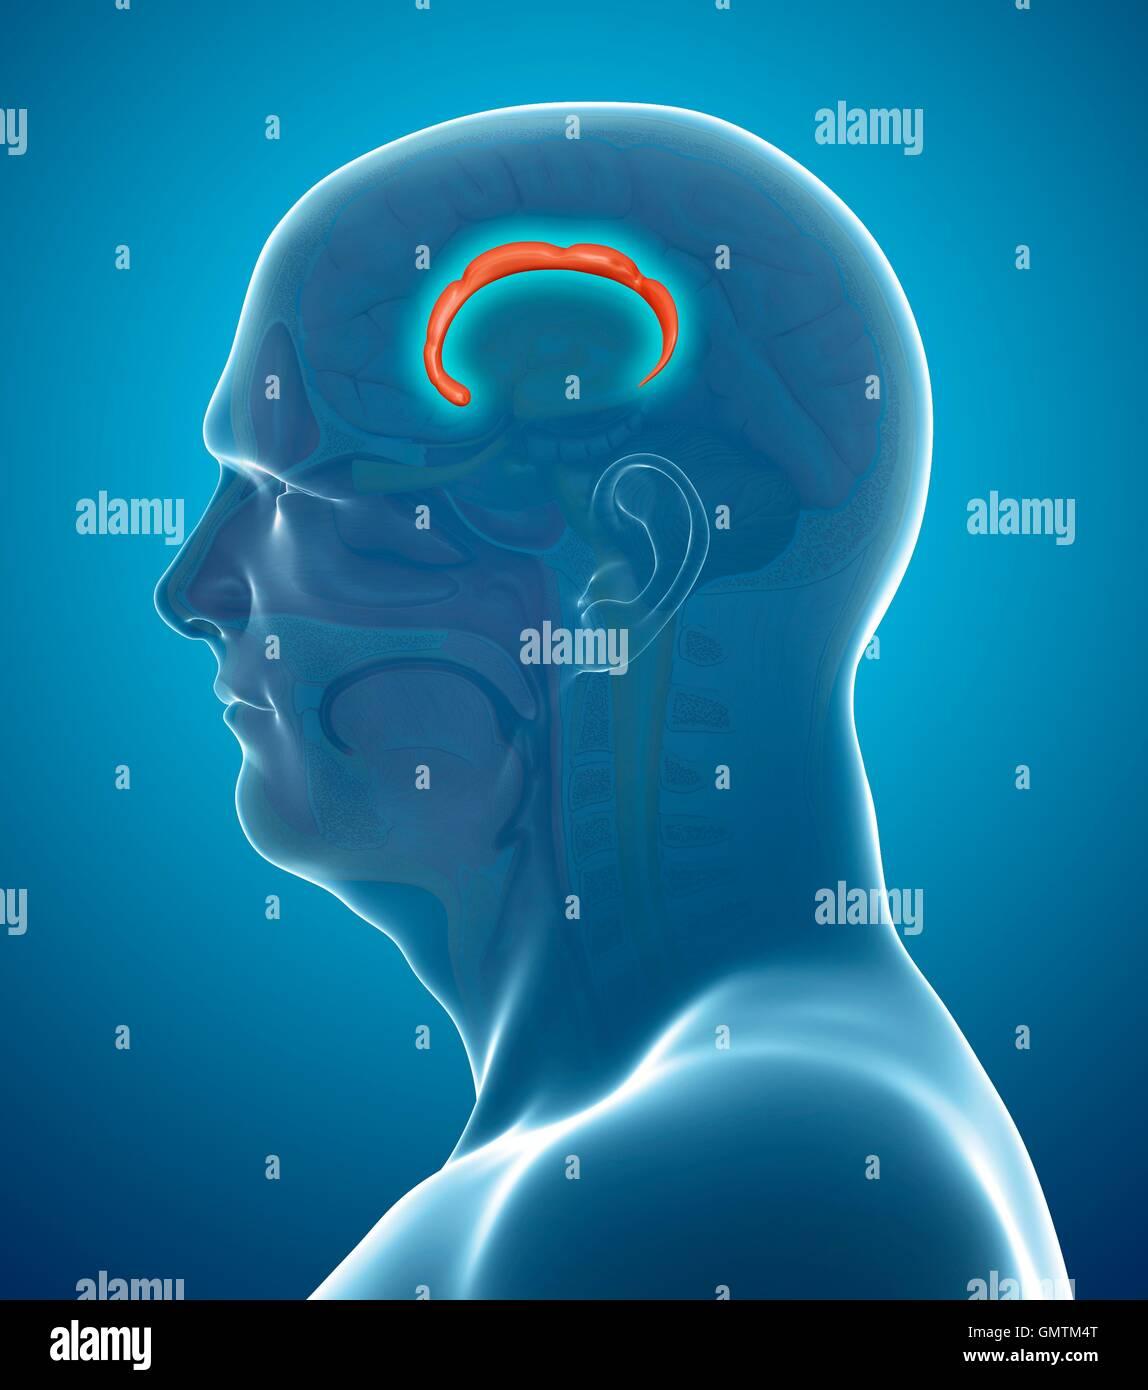 Ilustración de la corteza cingulada girus (flecha) en el cerebro. Imagen De Stock